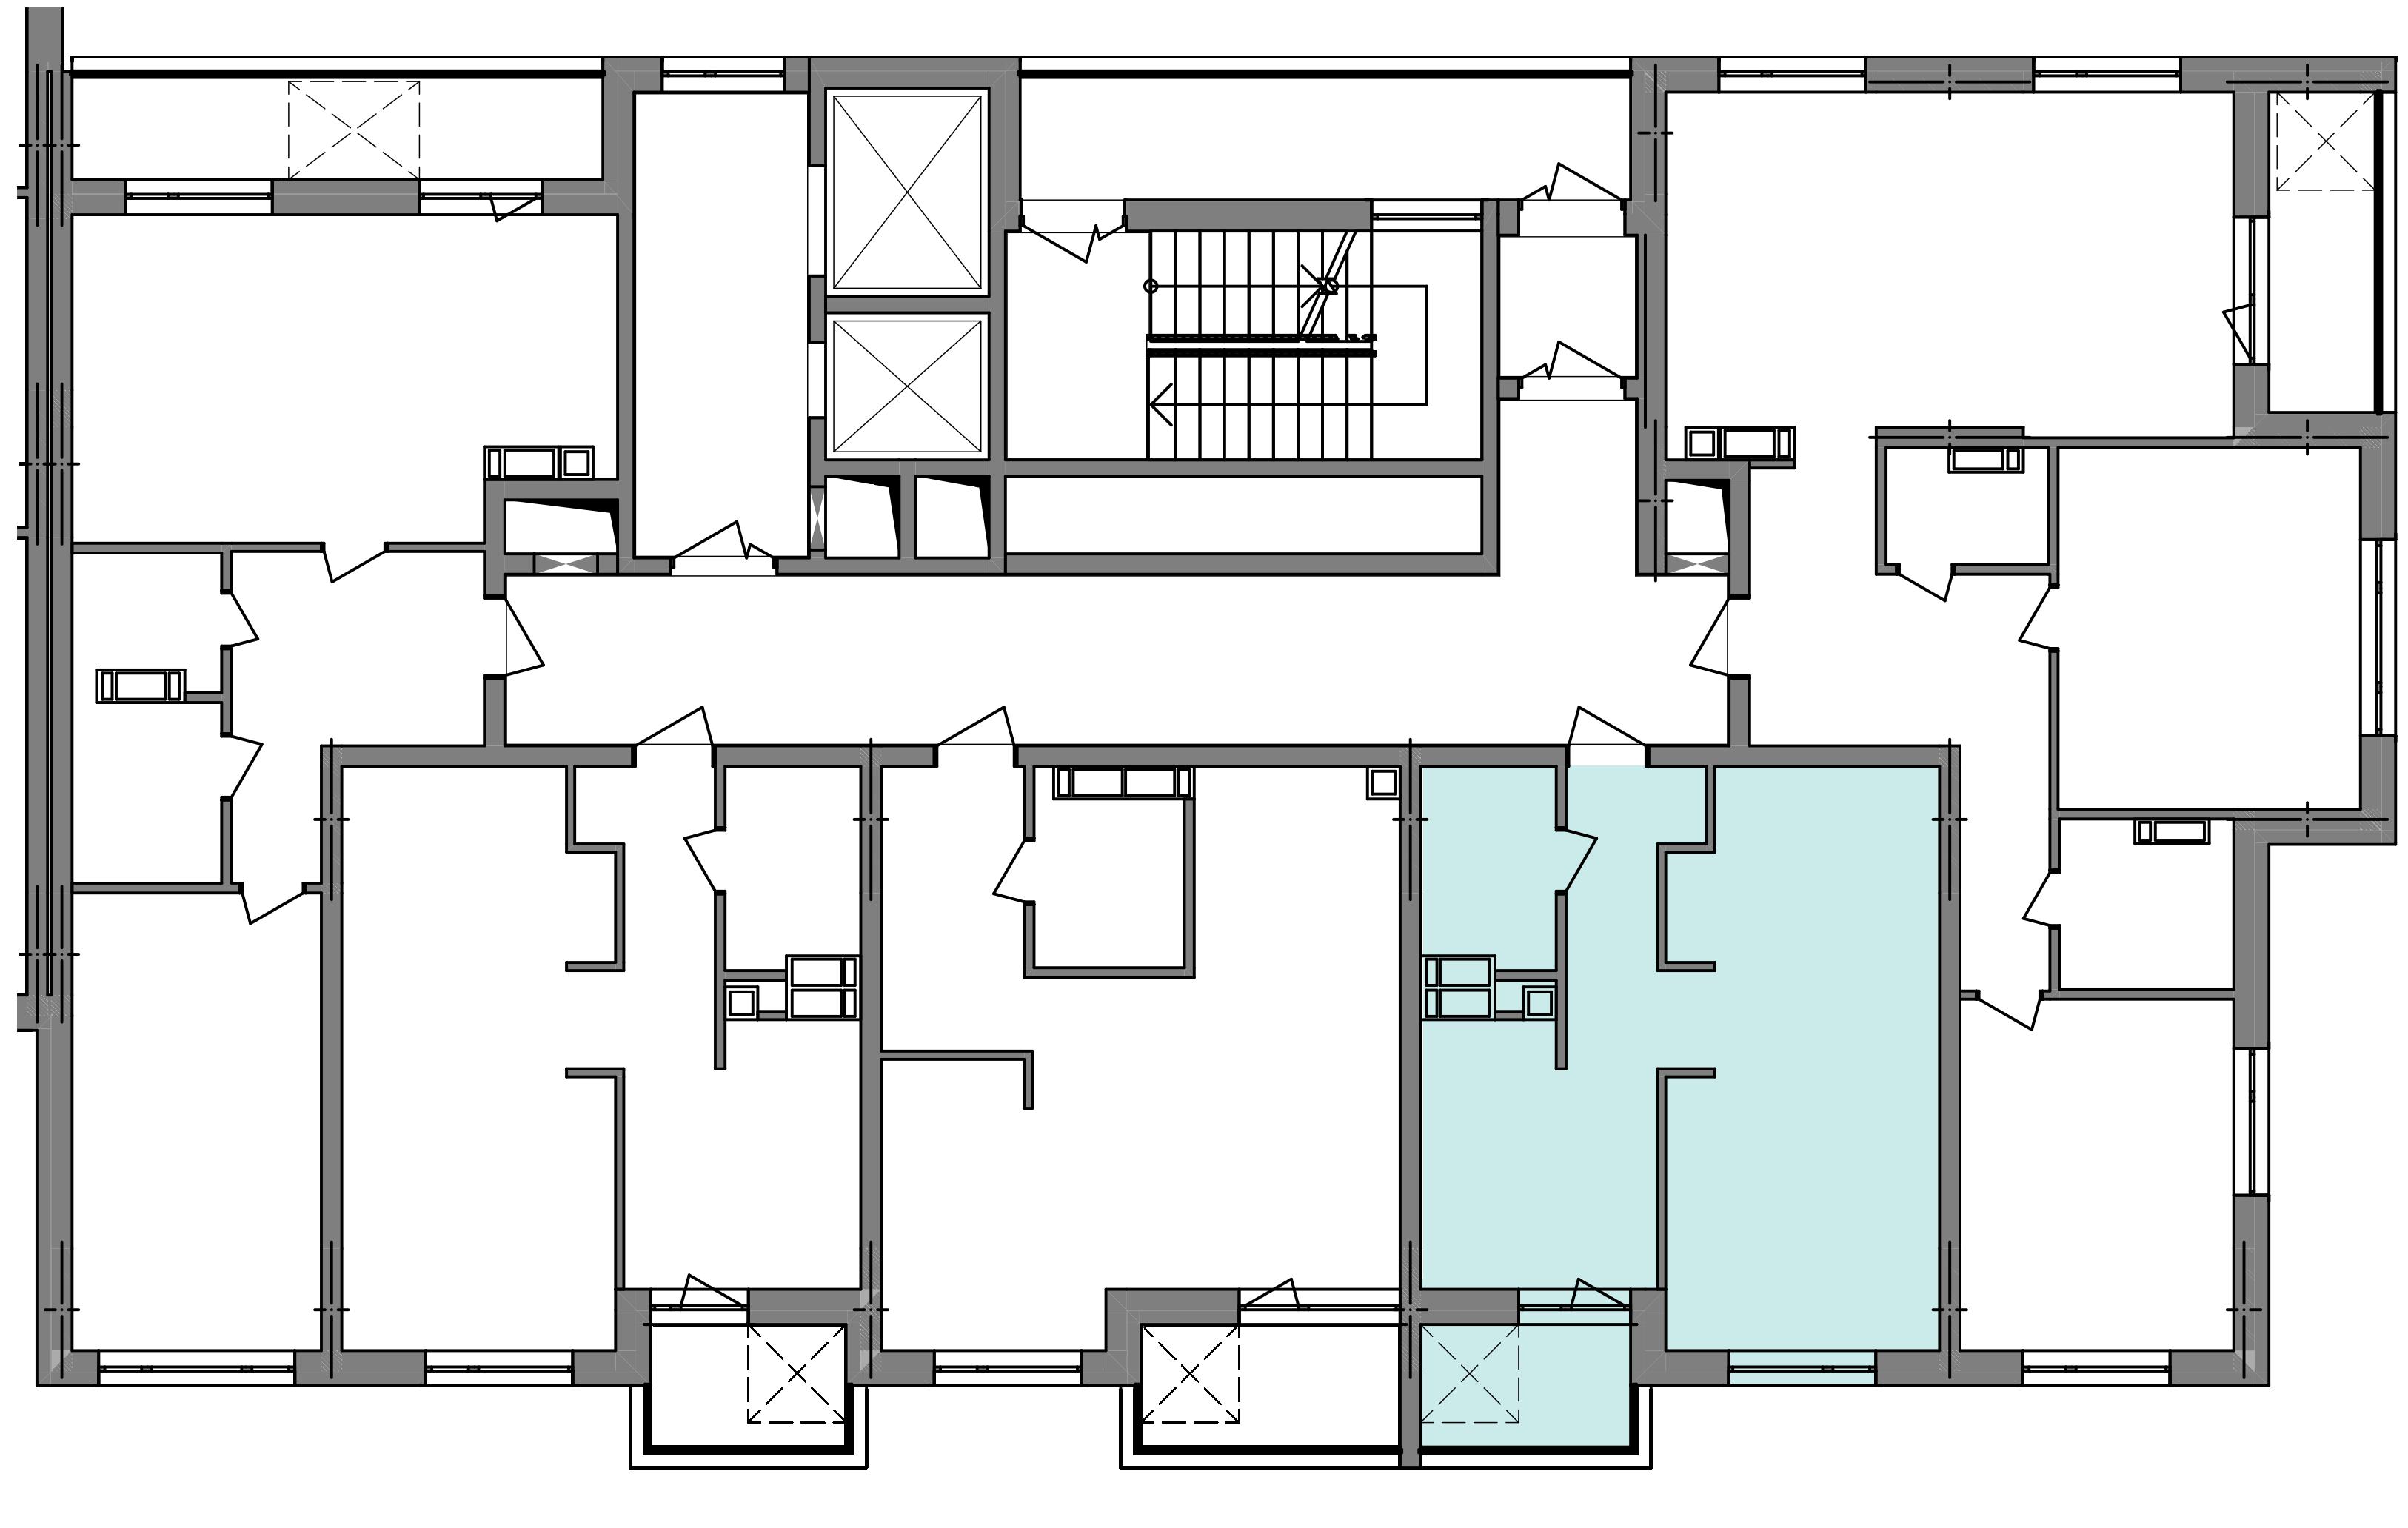 Однокомнатная квартира 40,50 кв.м., тип 1.4, дом 3 секция 5 расположение на этаже